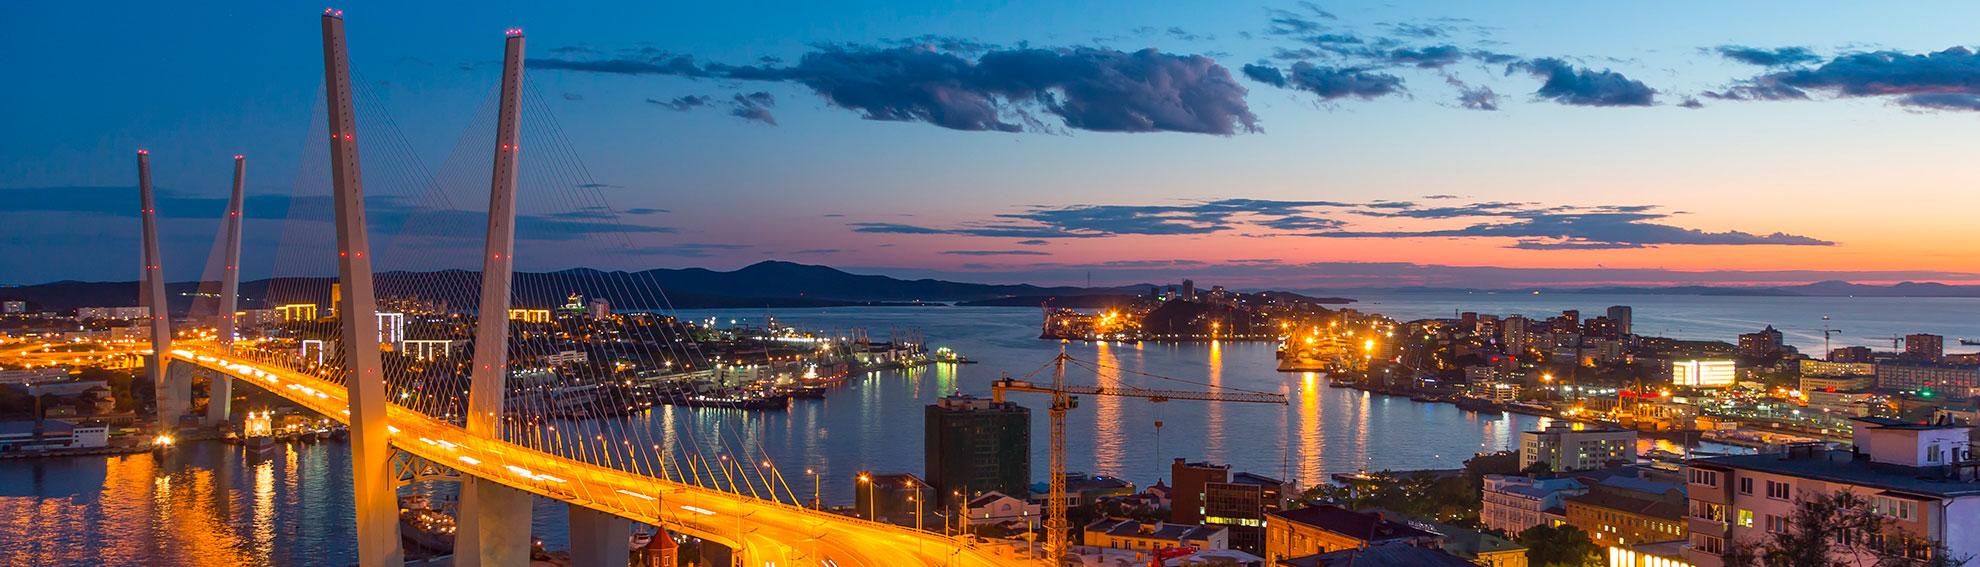 Тур Владивосток - жемчужина у моря